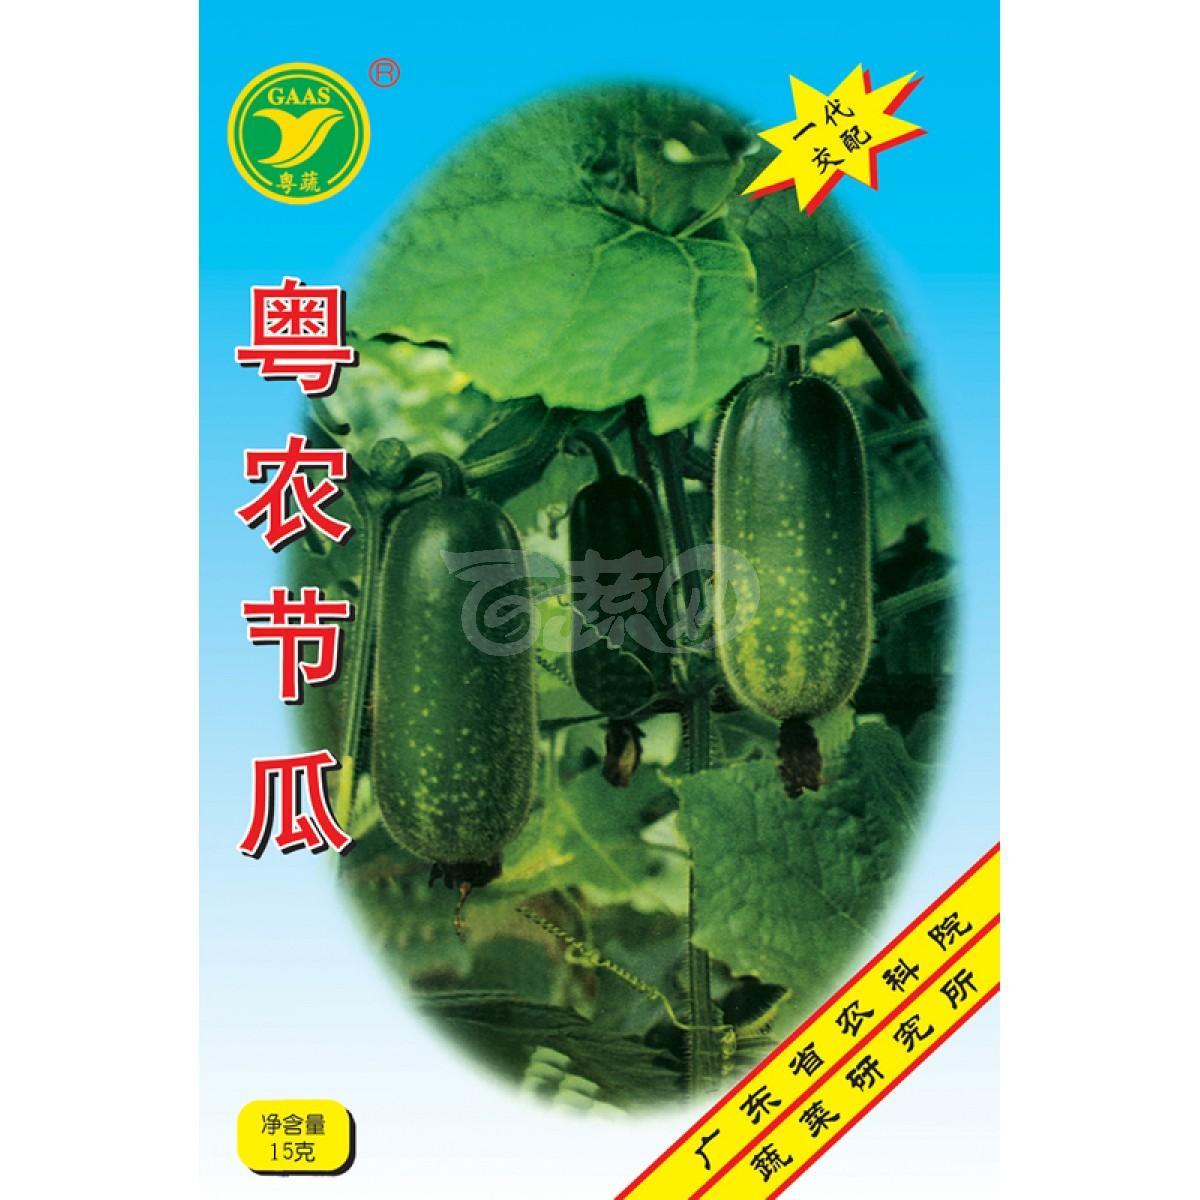 广东粤蔬 粤农节瓜种子 广东农科院选育 亩产4000公斤 1-3月 7-8月适播 节瓜种子 15克装